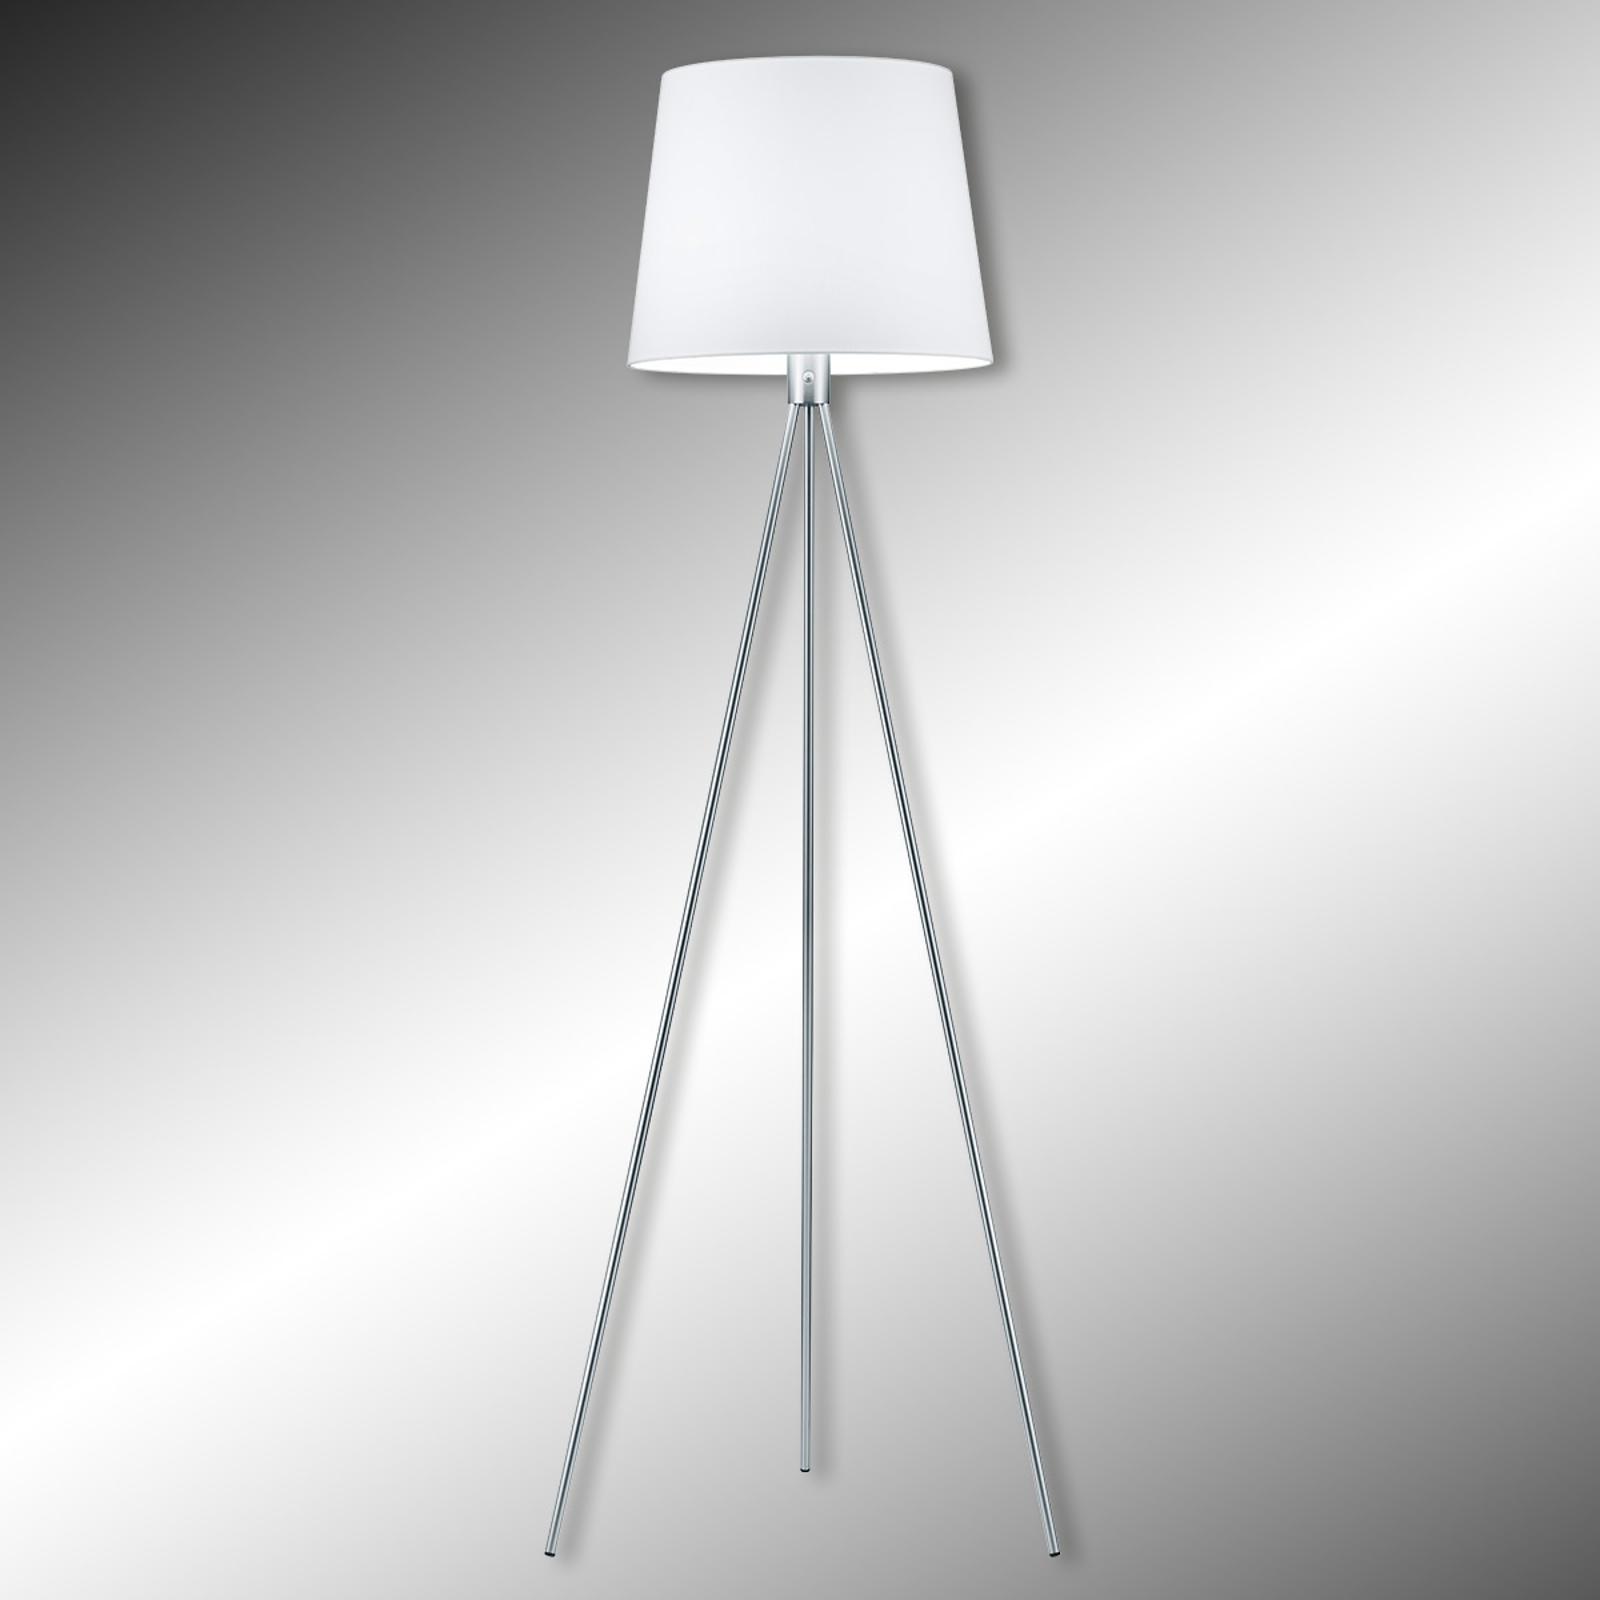 Lampa stojąca PICO na trójnogu, chrom